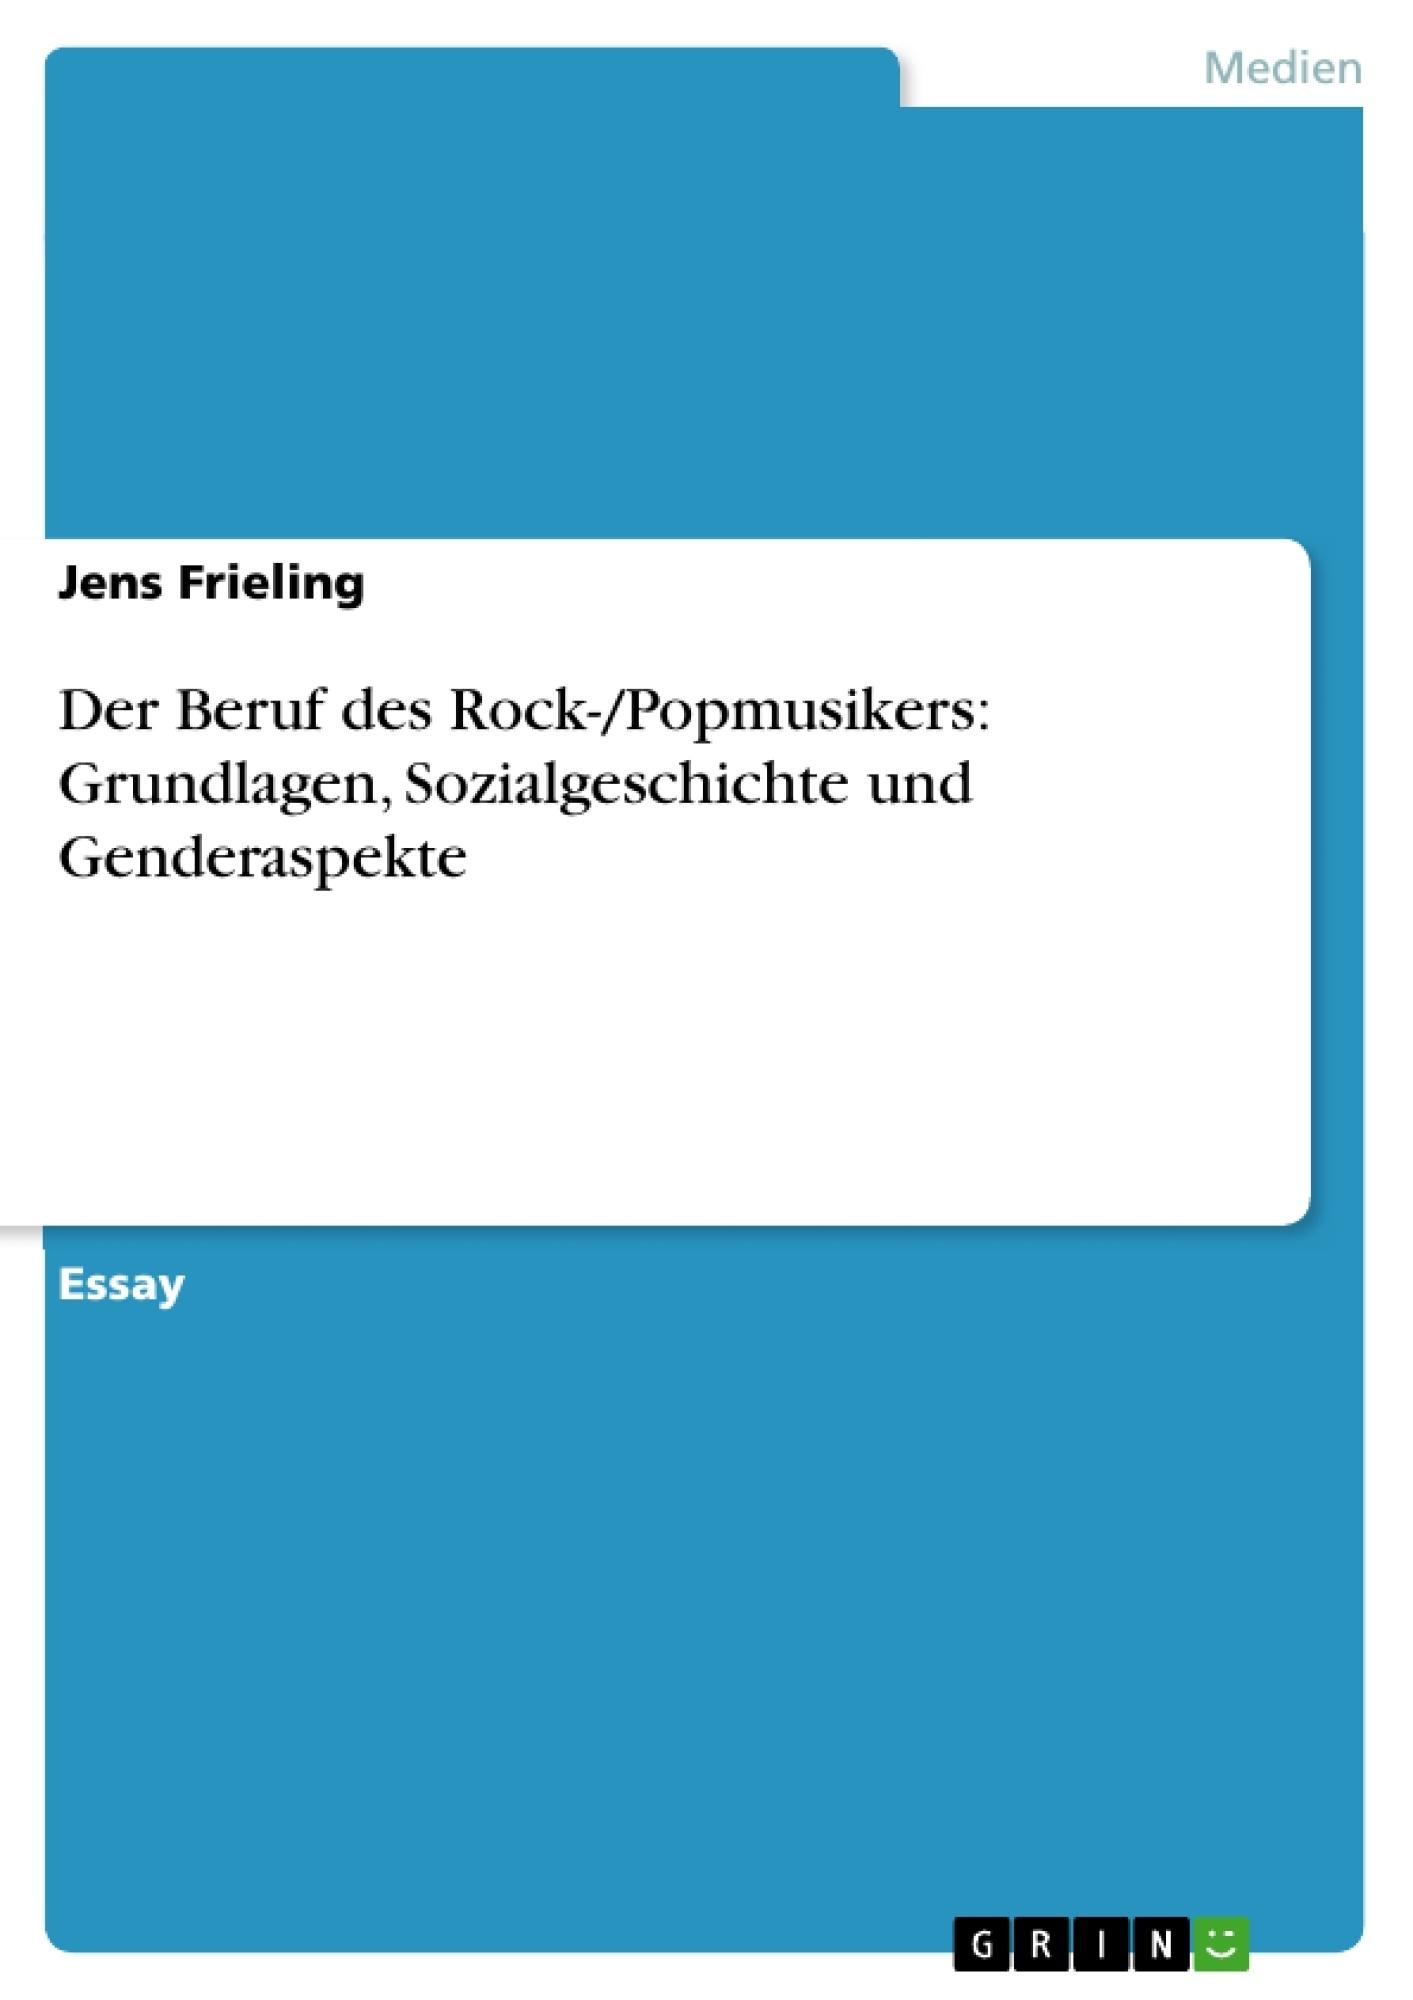 Titel: Der Beruf des Rock-/Popmusikers: Grundlagen, Sozialgeschichte und Genderaspekte